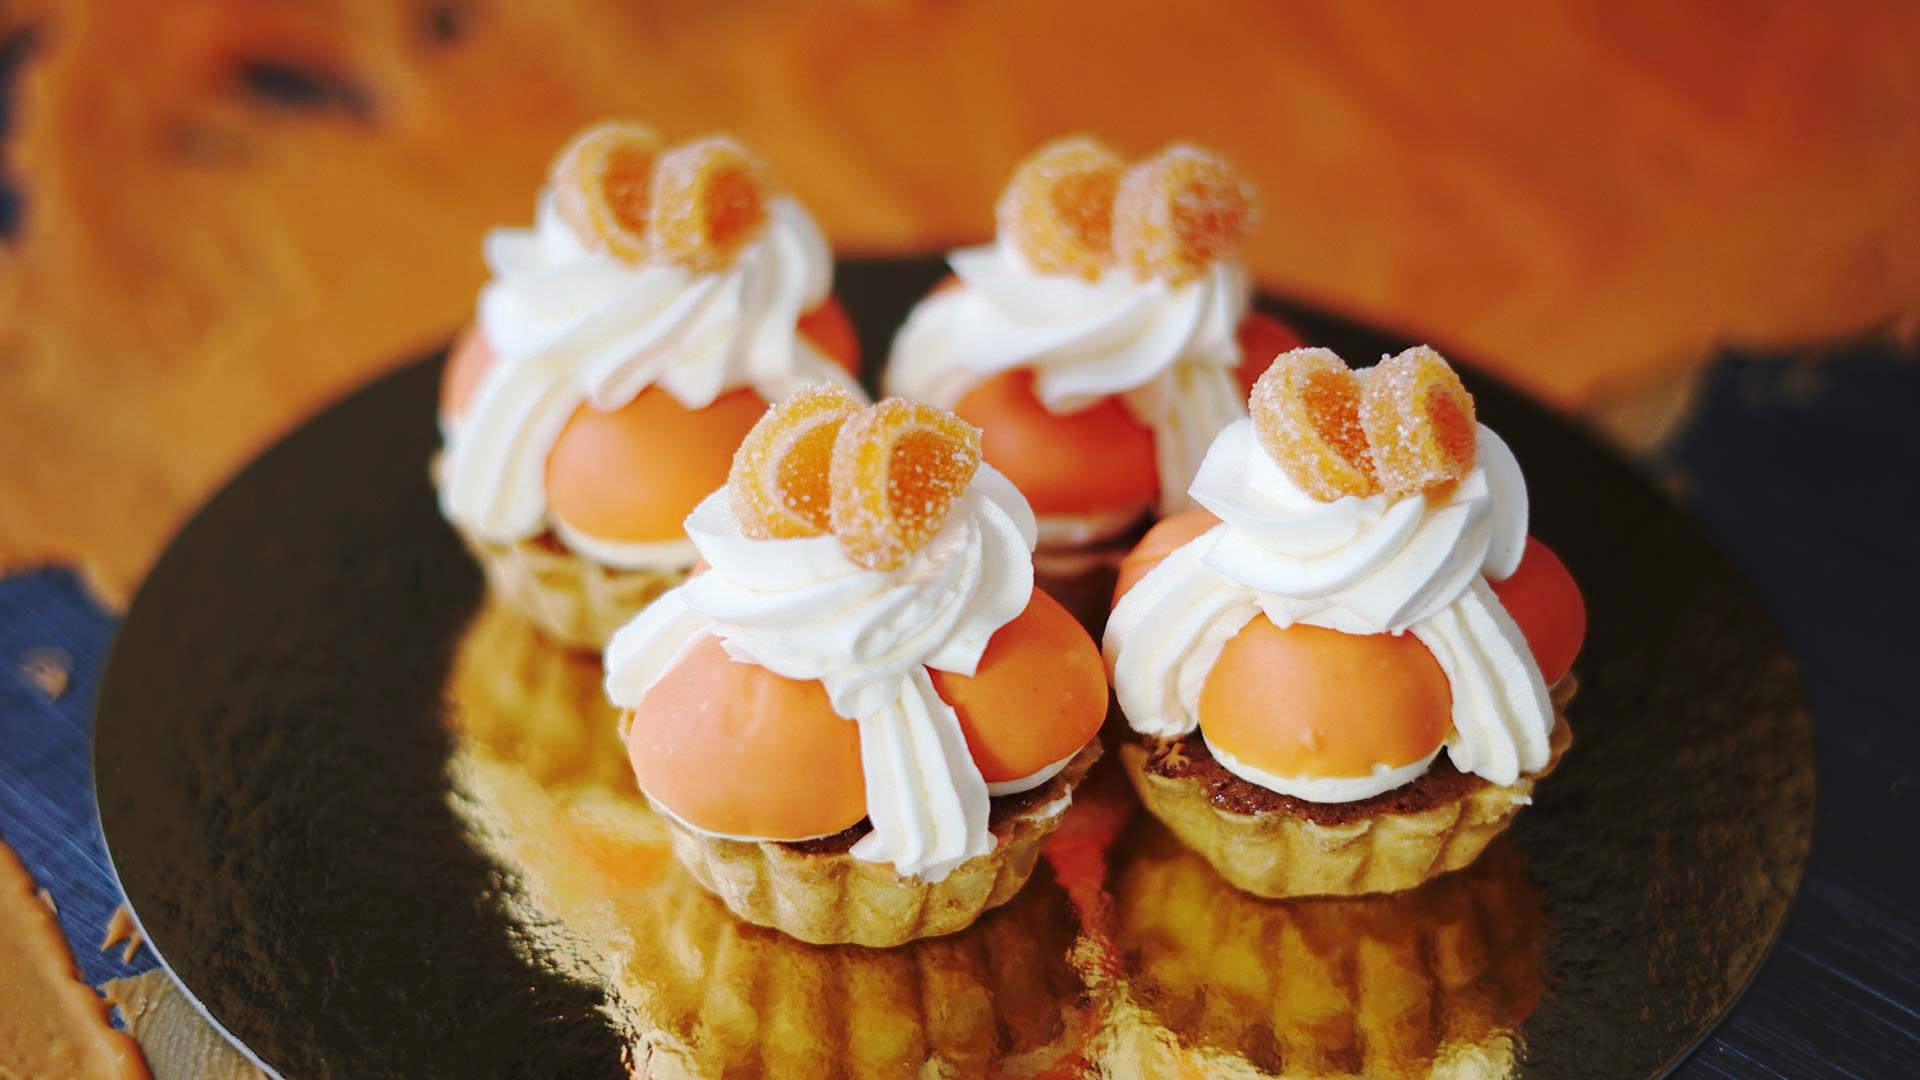 Fijne Koningsdag met Oranje hardewener Petit Fours van Bakkerij Vooges